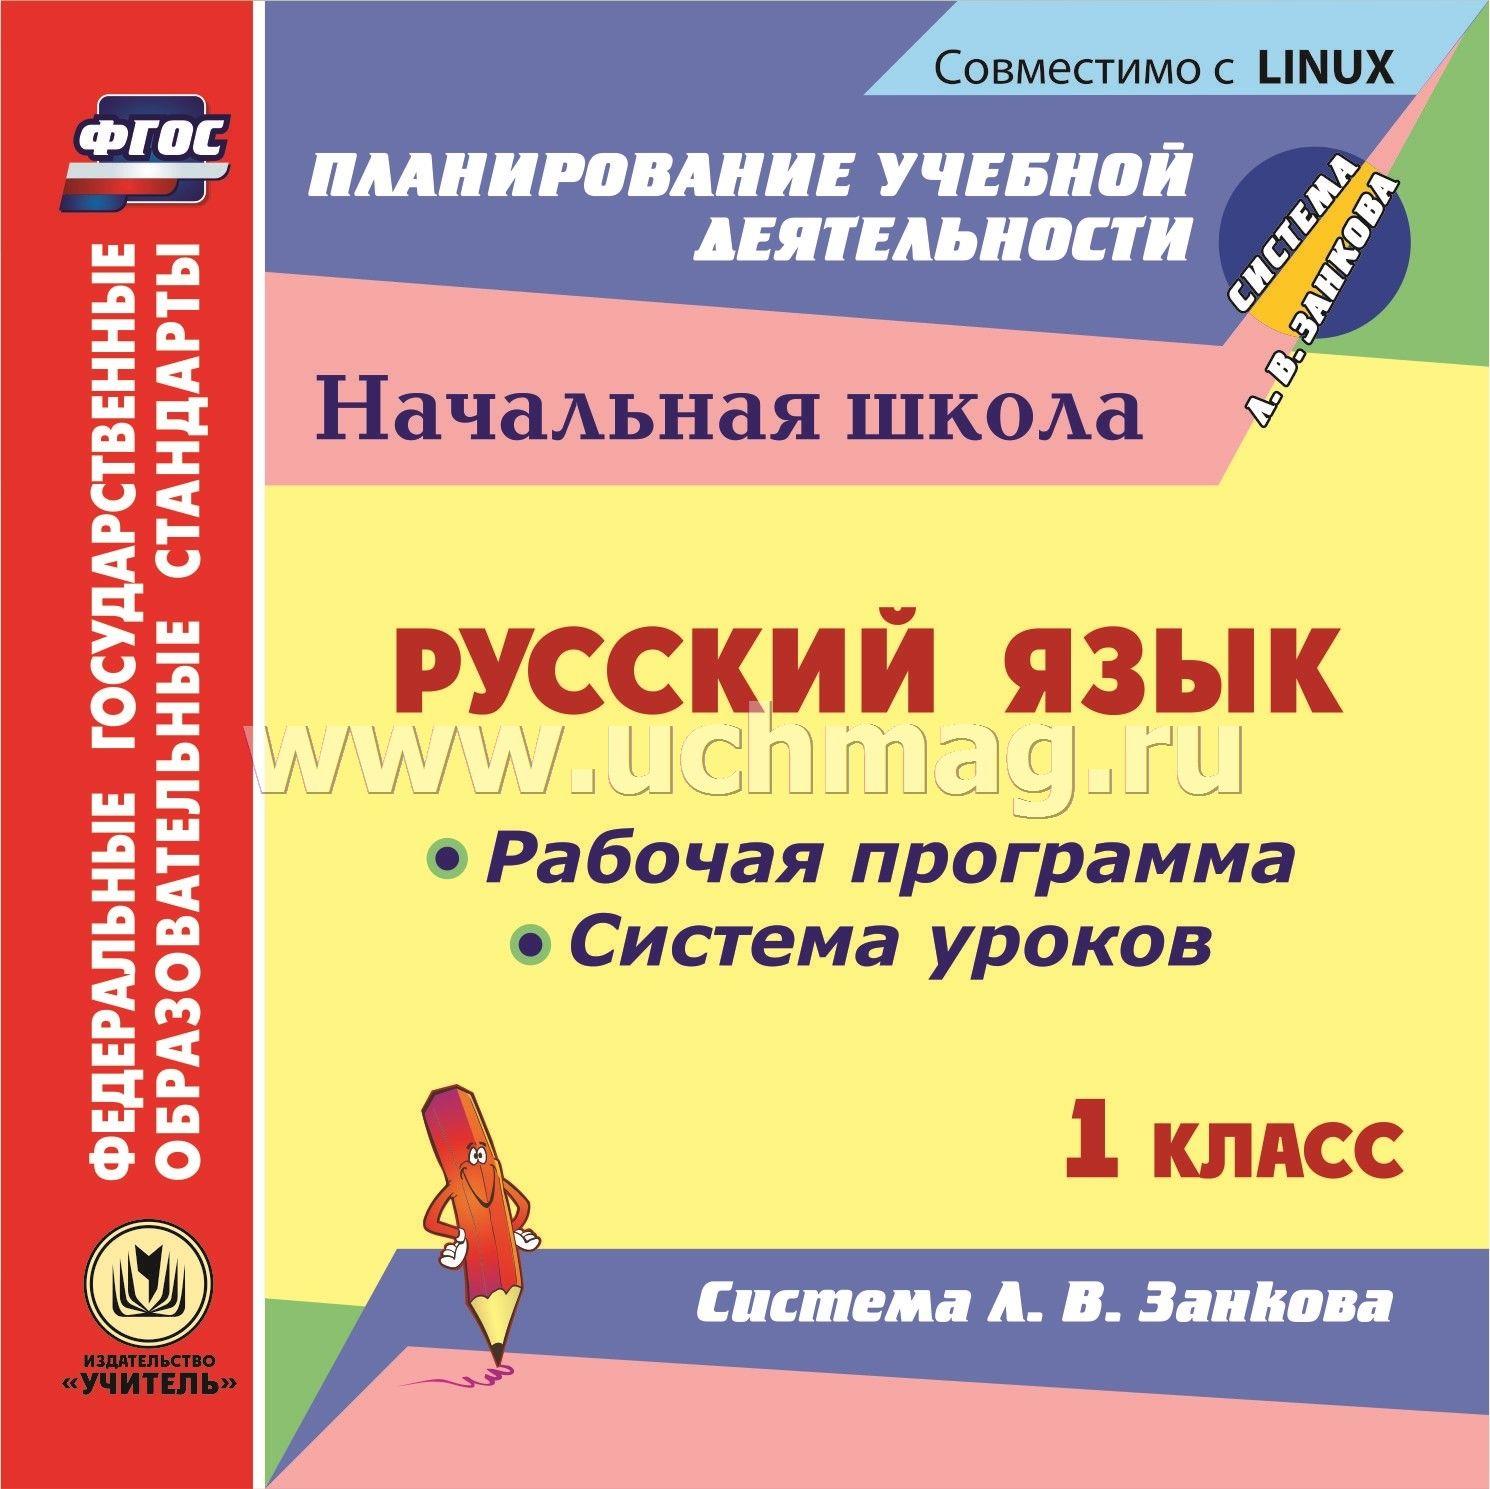 Конспект урока с ууд система занкова русский язык 2 класс